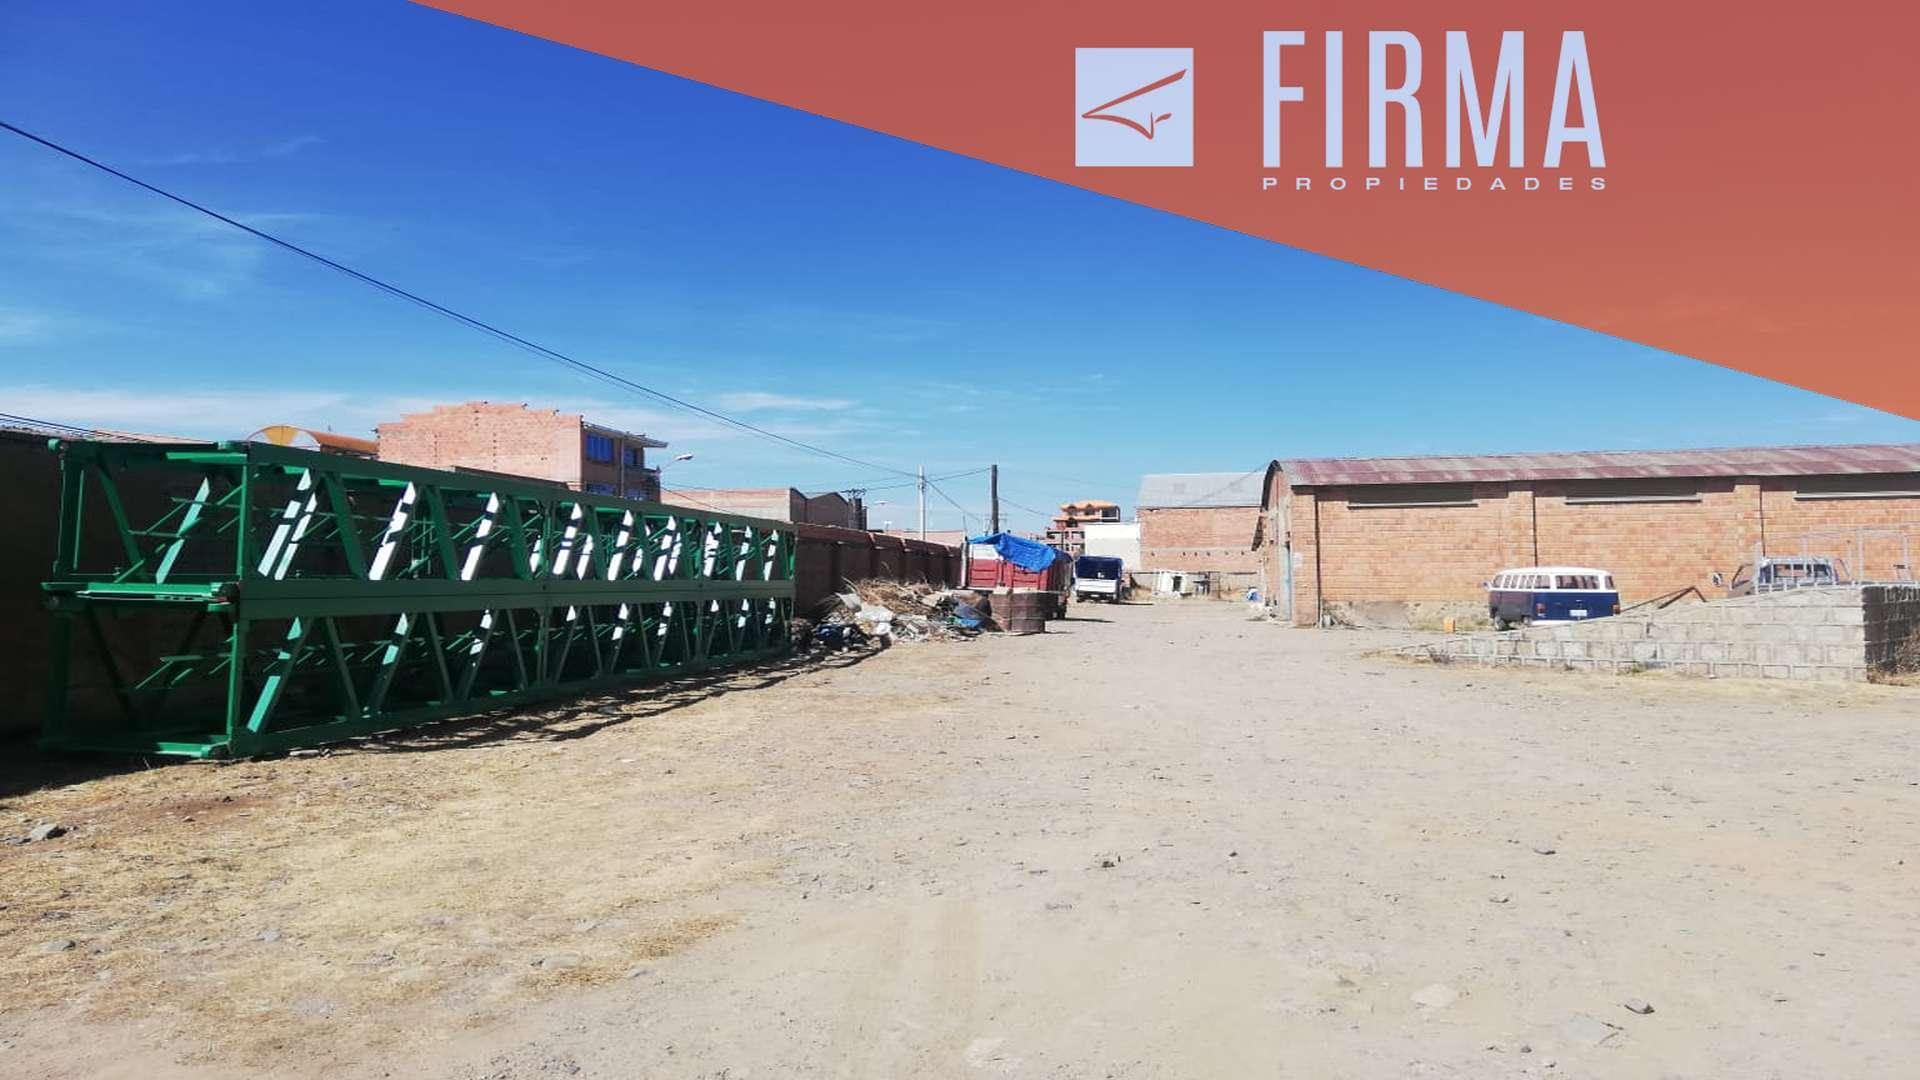 Terreno en Venta FTV36593 – COMPRA TU TERRENO EN EL ALTO Foto 11